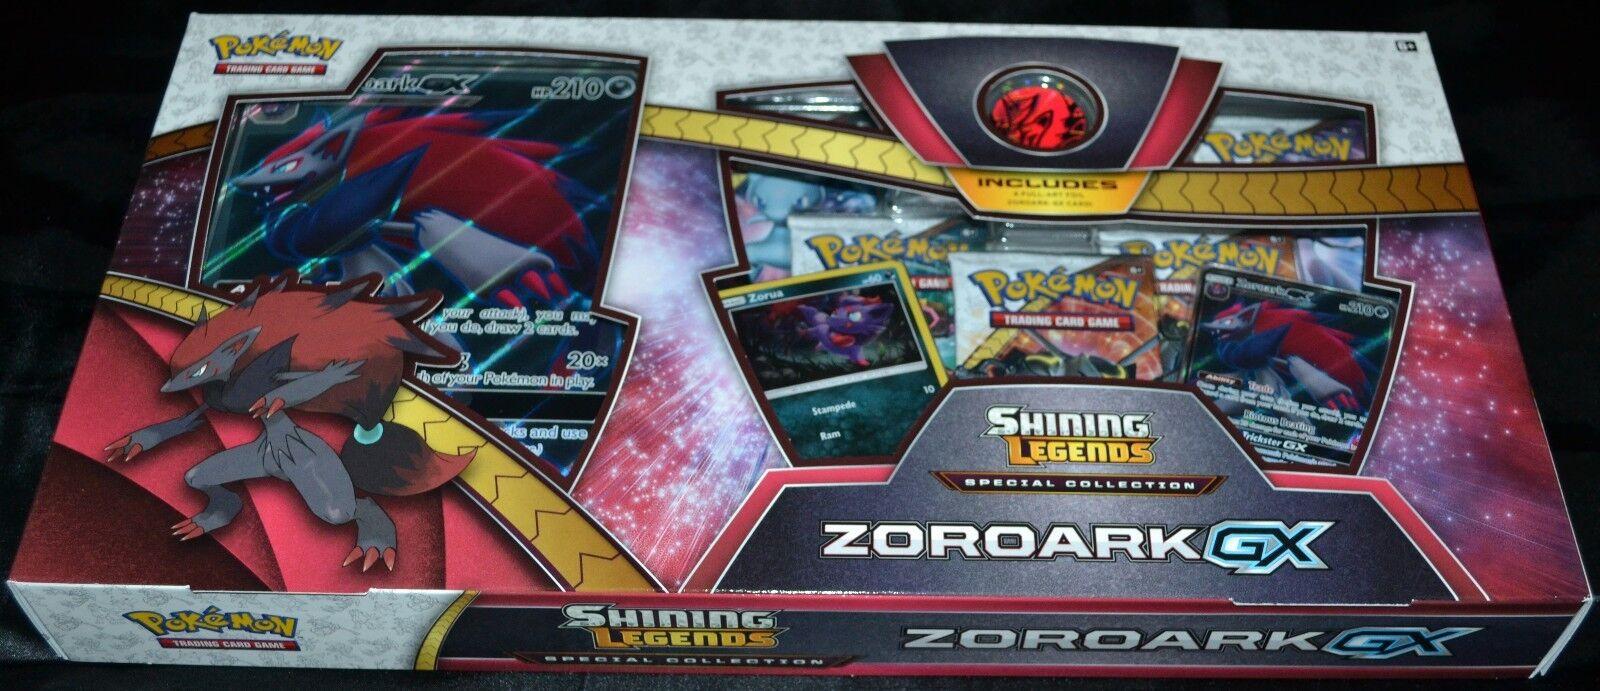 ZGoldark gx sammlung box scheint legenden pokemon tauschkarten spiel neue